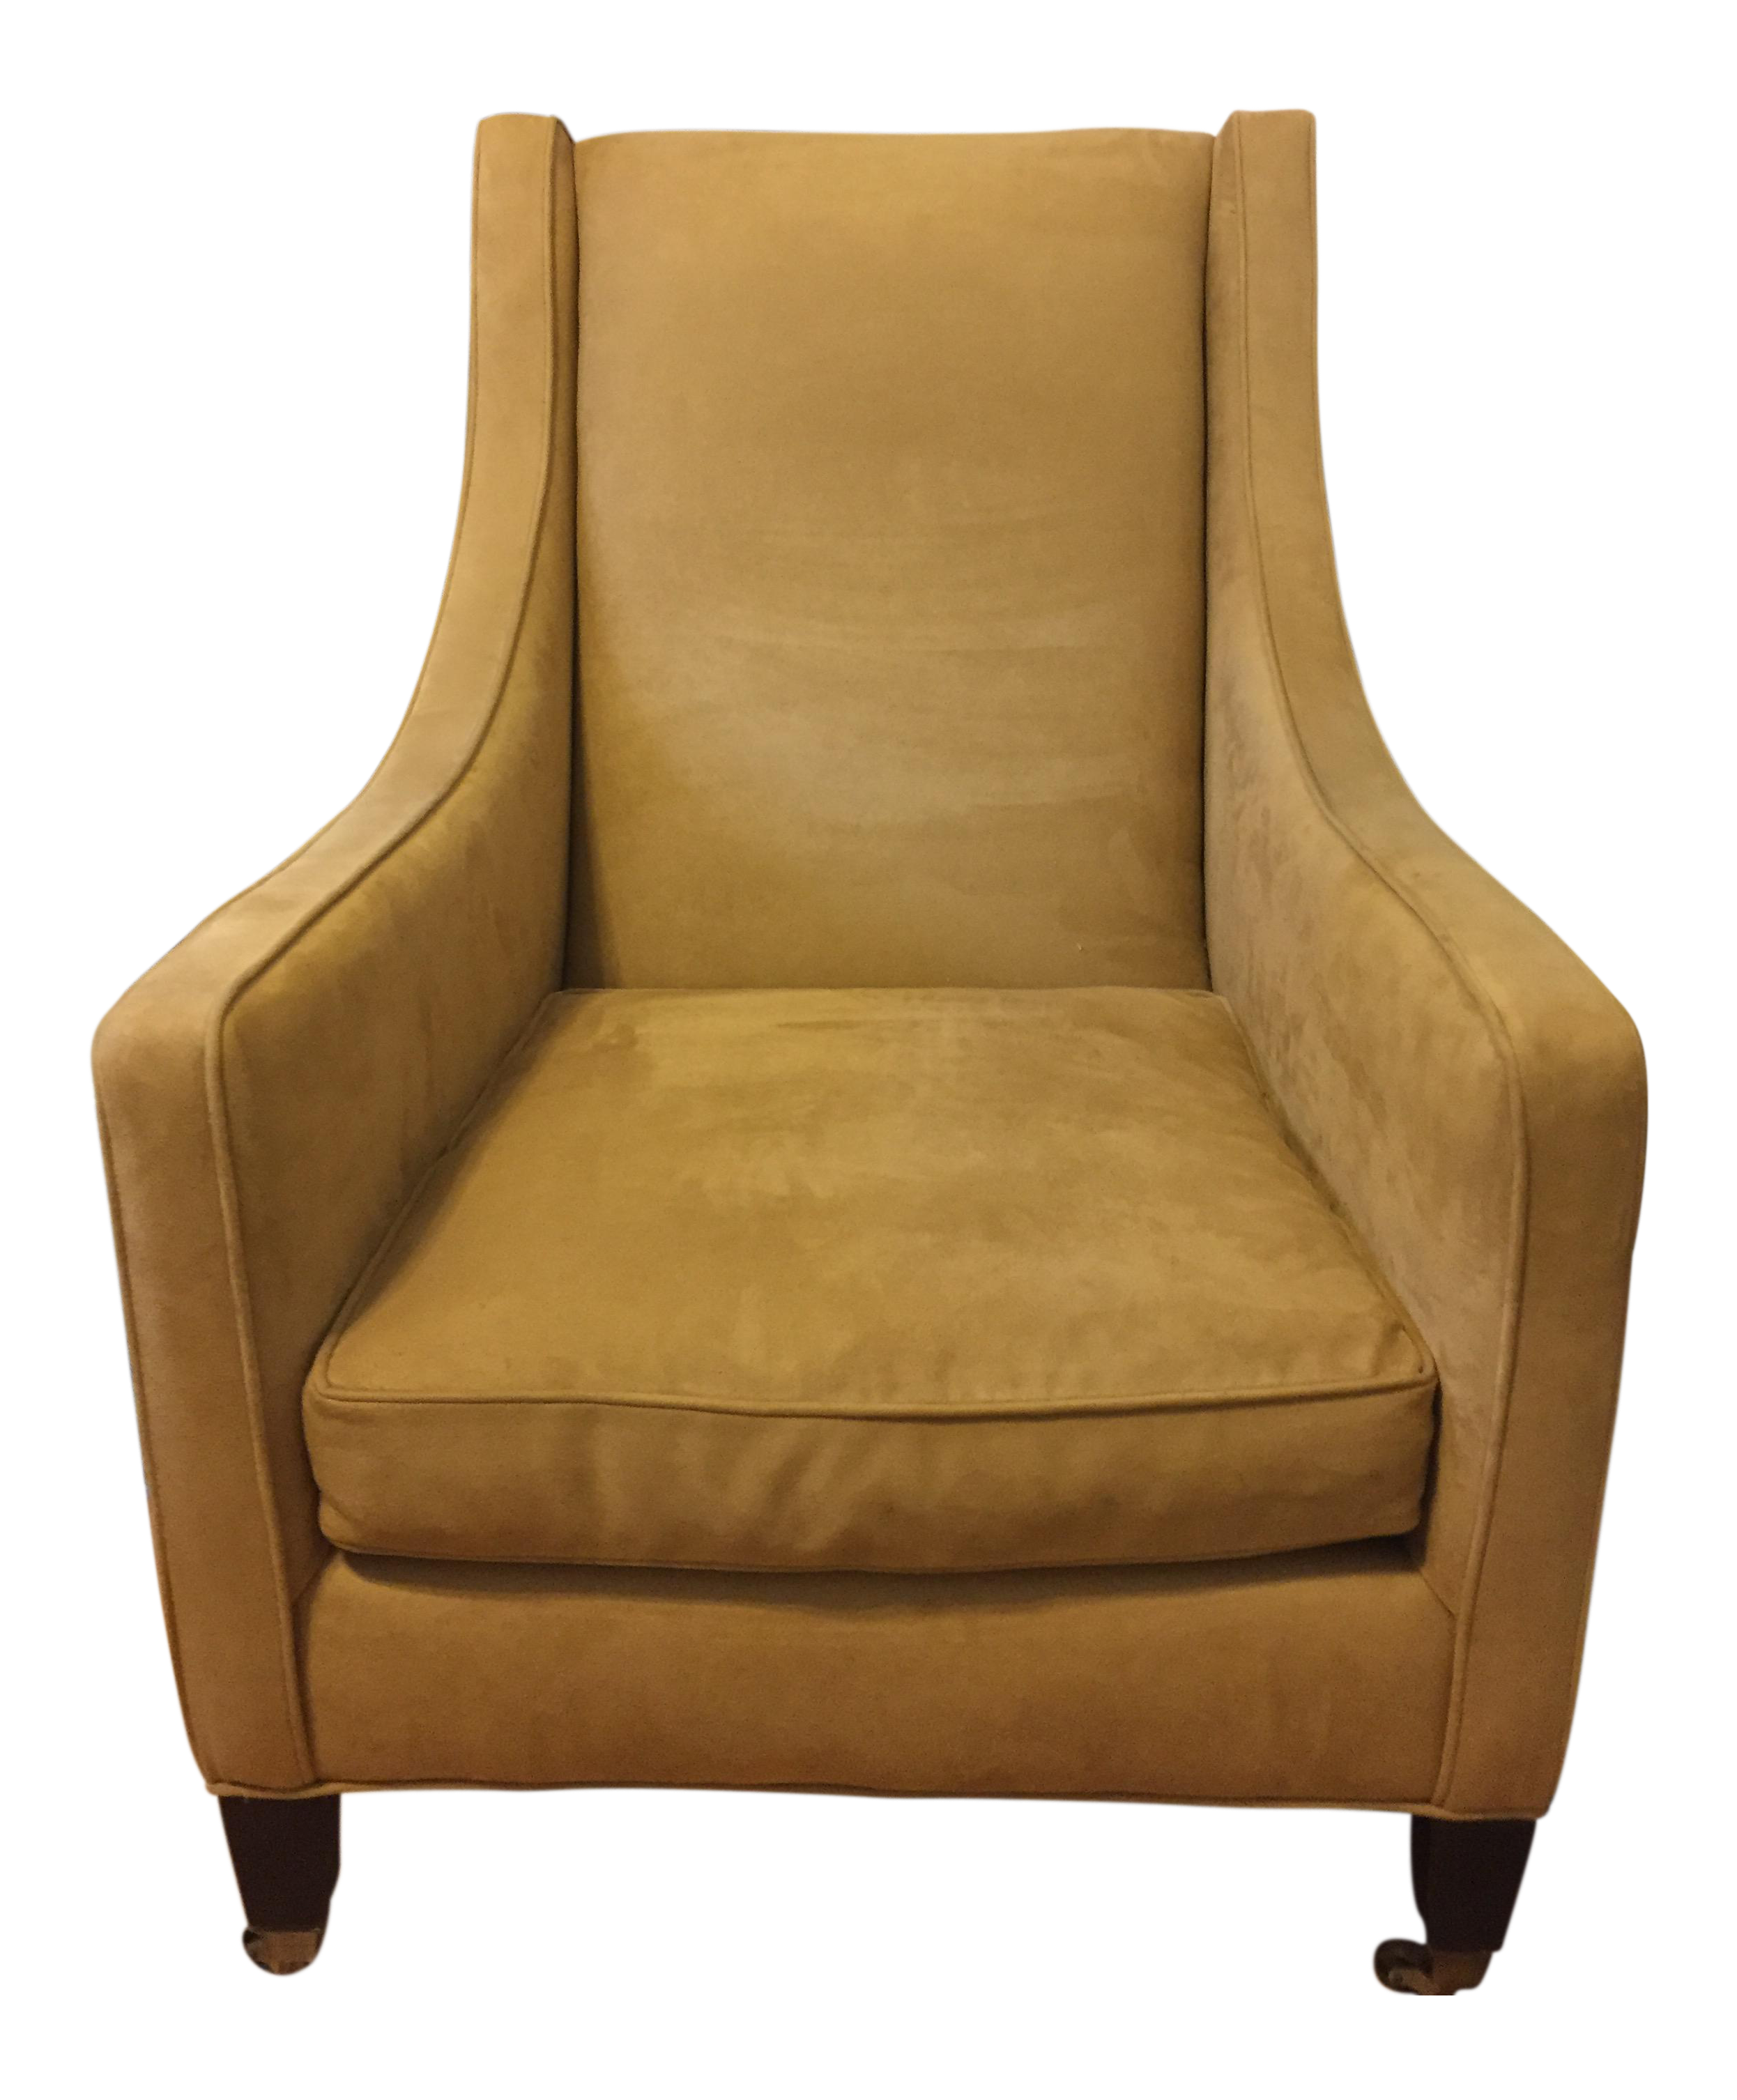 Restoration Hardware Modern Suede Chair